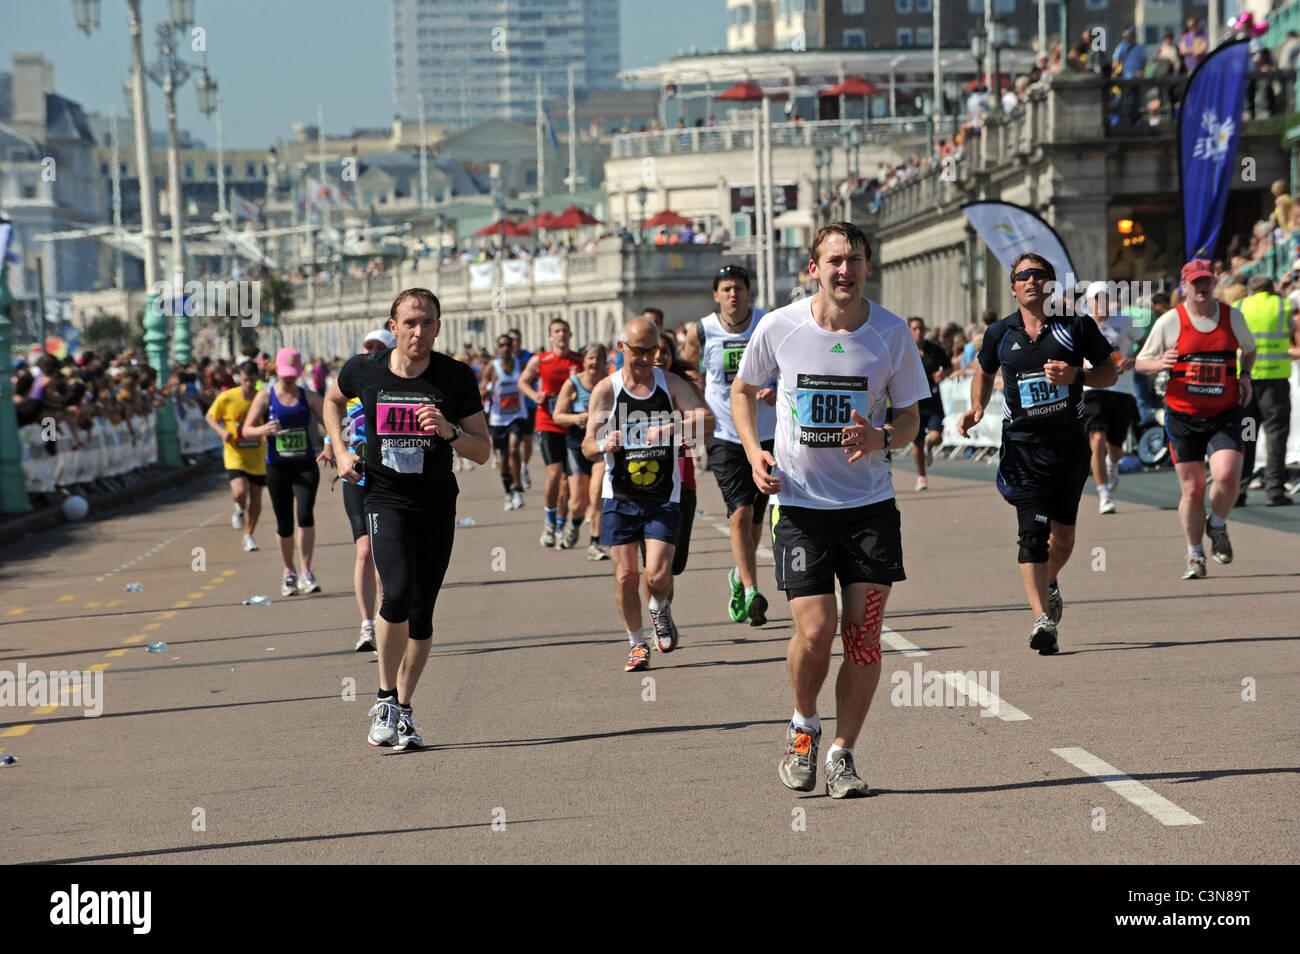 Brighton Marathon 2011 - testa di guide per la linea del traguardo su Madera drive Immagini Stock